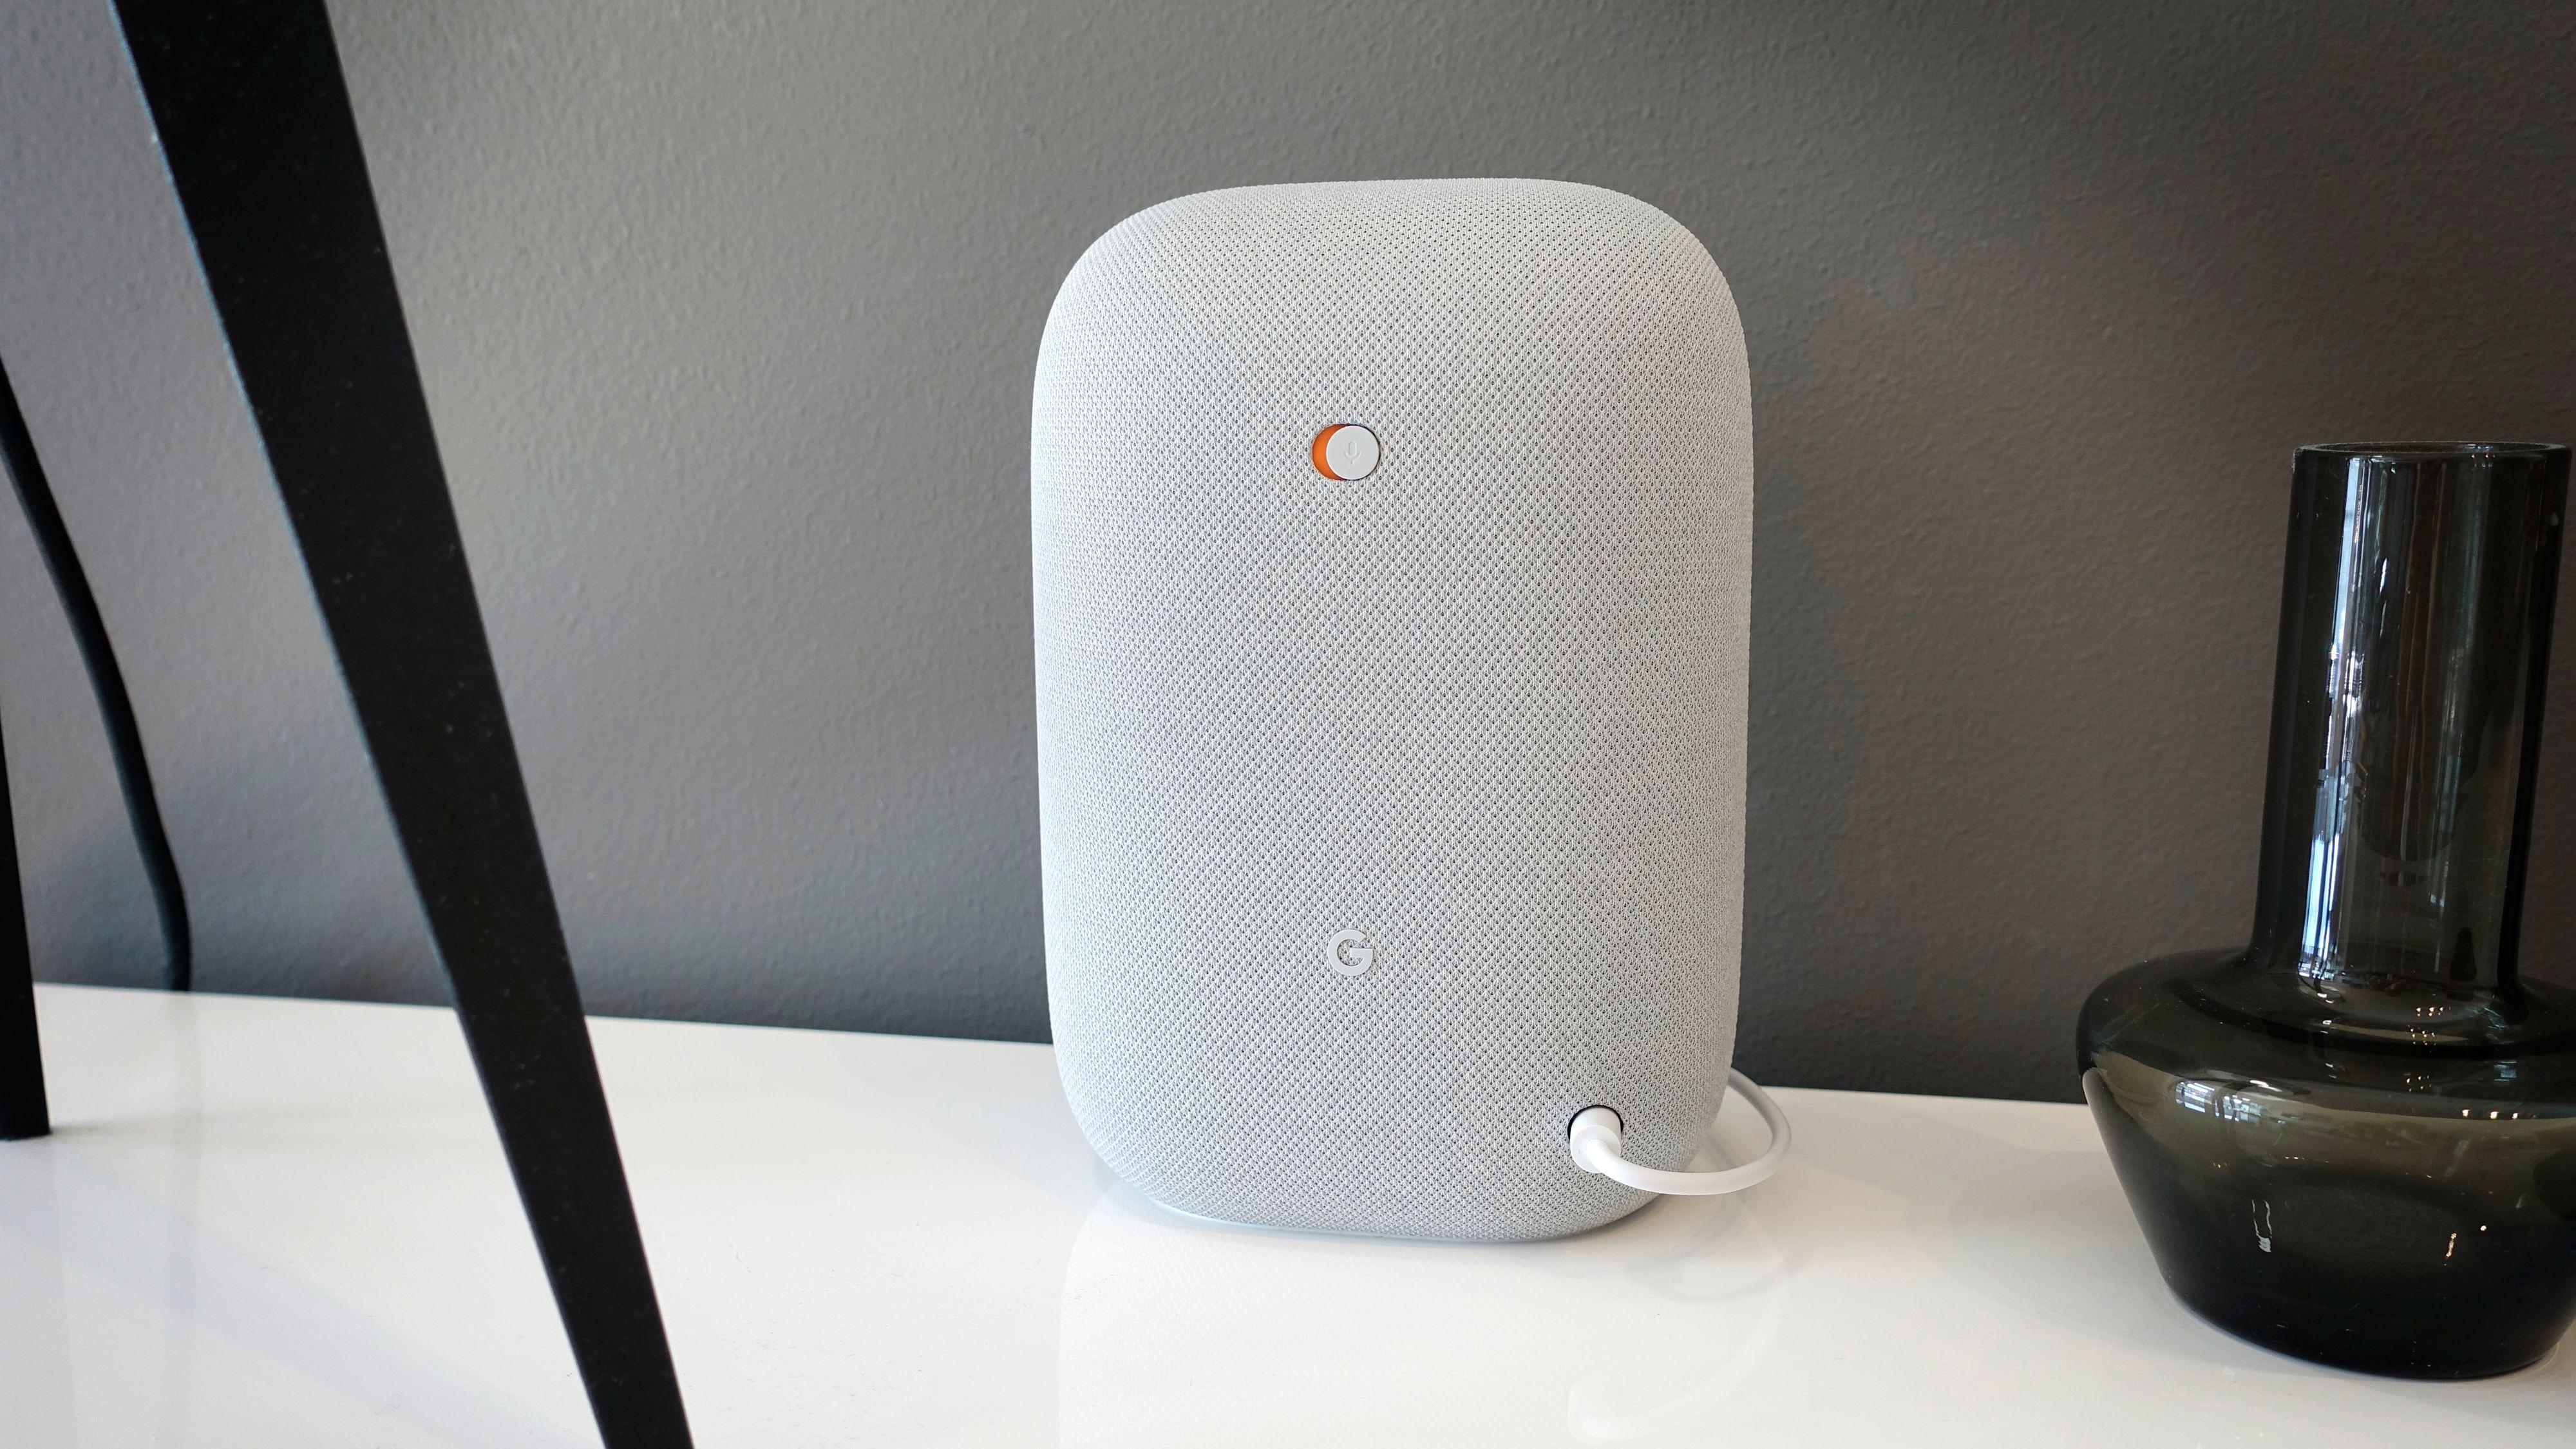 Lite fiksfakserier på Nest Audio, som er en tøykledt liten kloss med en eneste knapp på baksiden. Den skrur av mikrofonen.